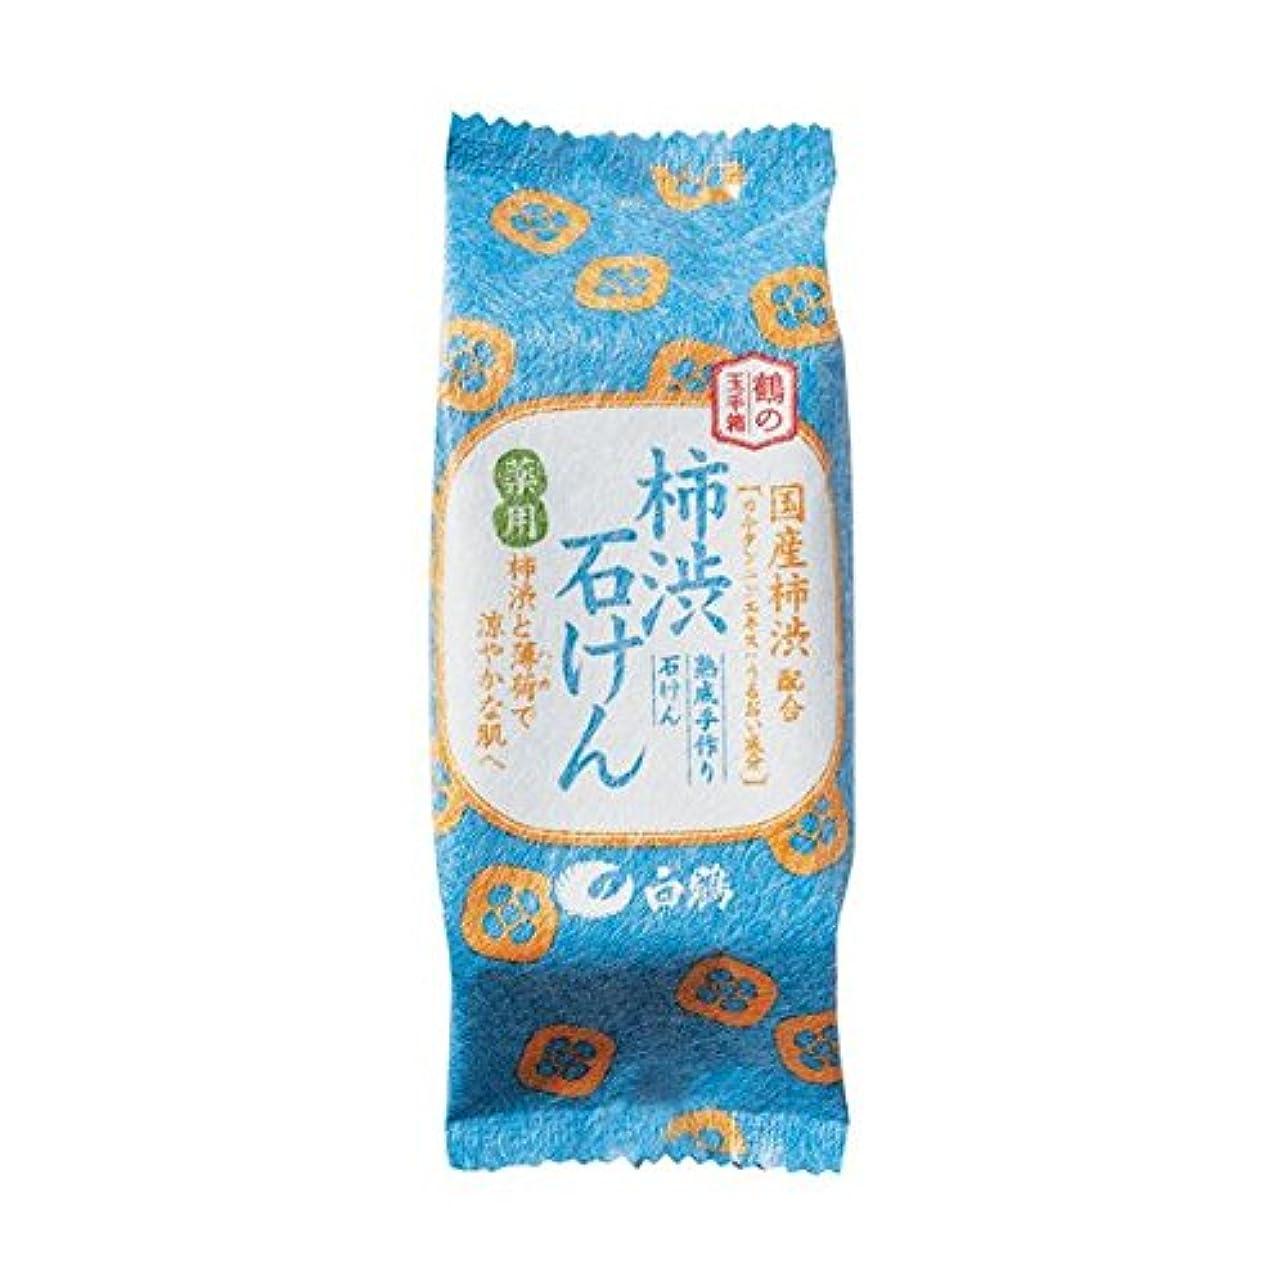 松蒸留するブラスト白鶴 鶴の玉手箱 薬用 柿渋石けん 110g × 3個